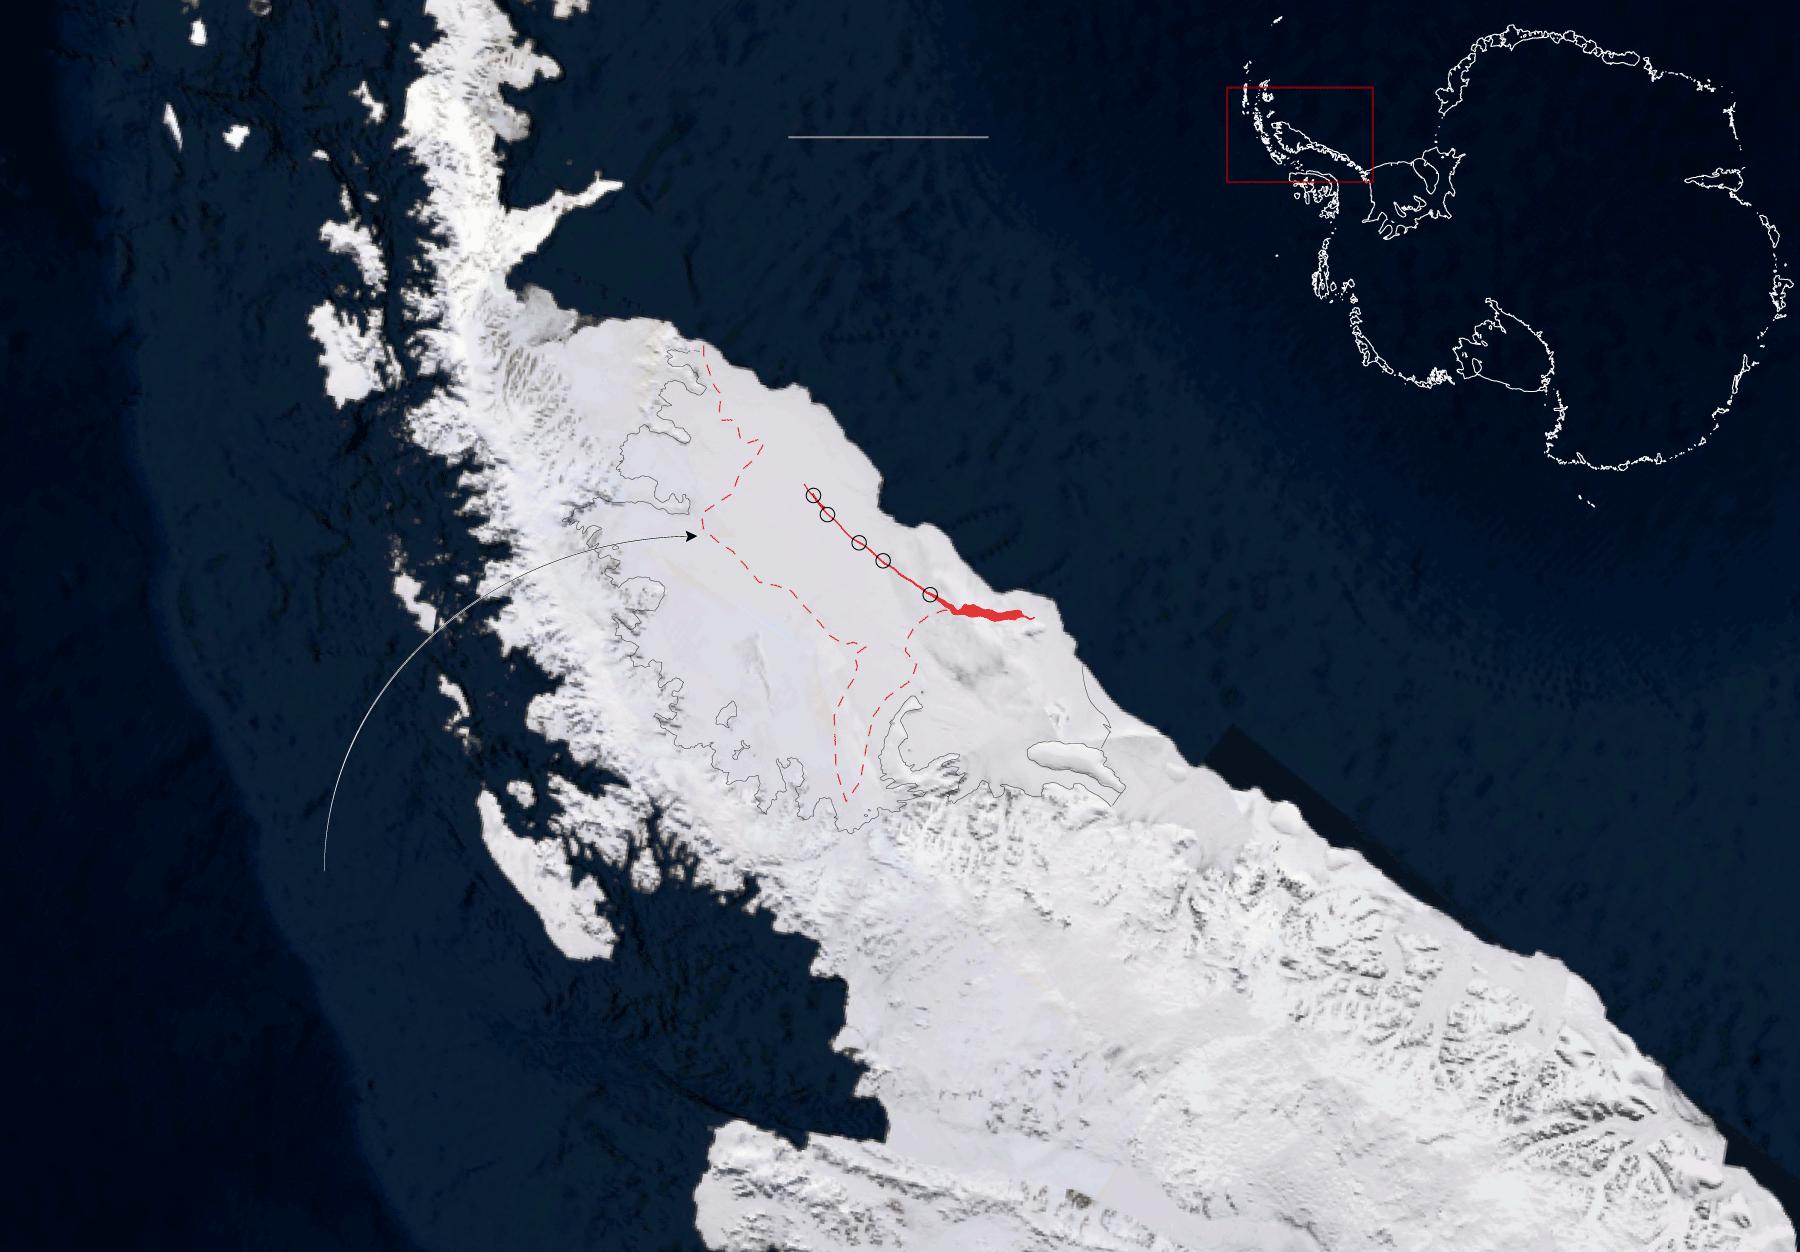 Immagine della frattura sulla piattaforma antartica Larsen C, 2016. Credit: Microsoft Corporation Earthstar Geographics per il New York Times.